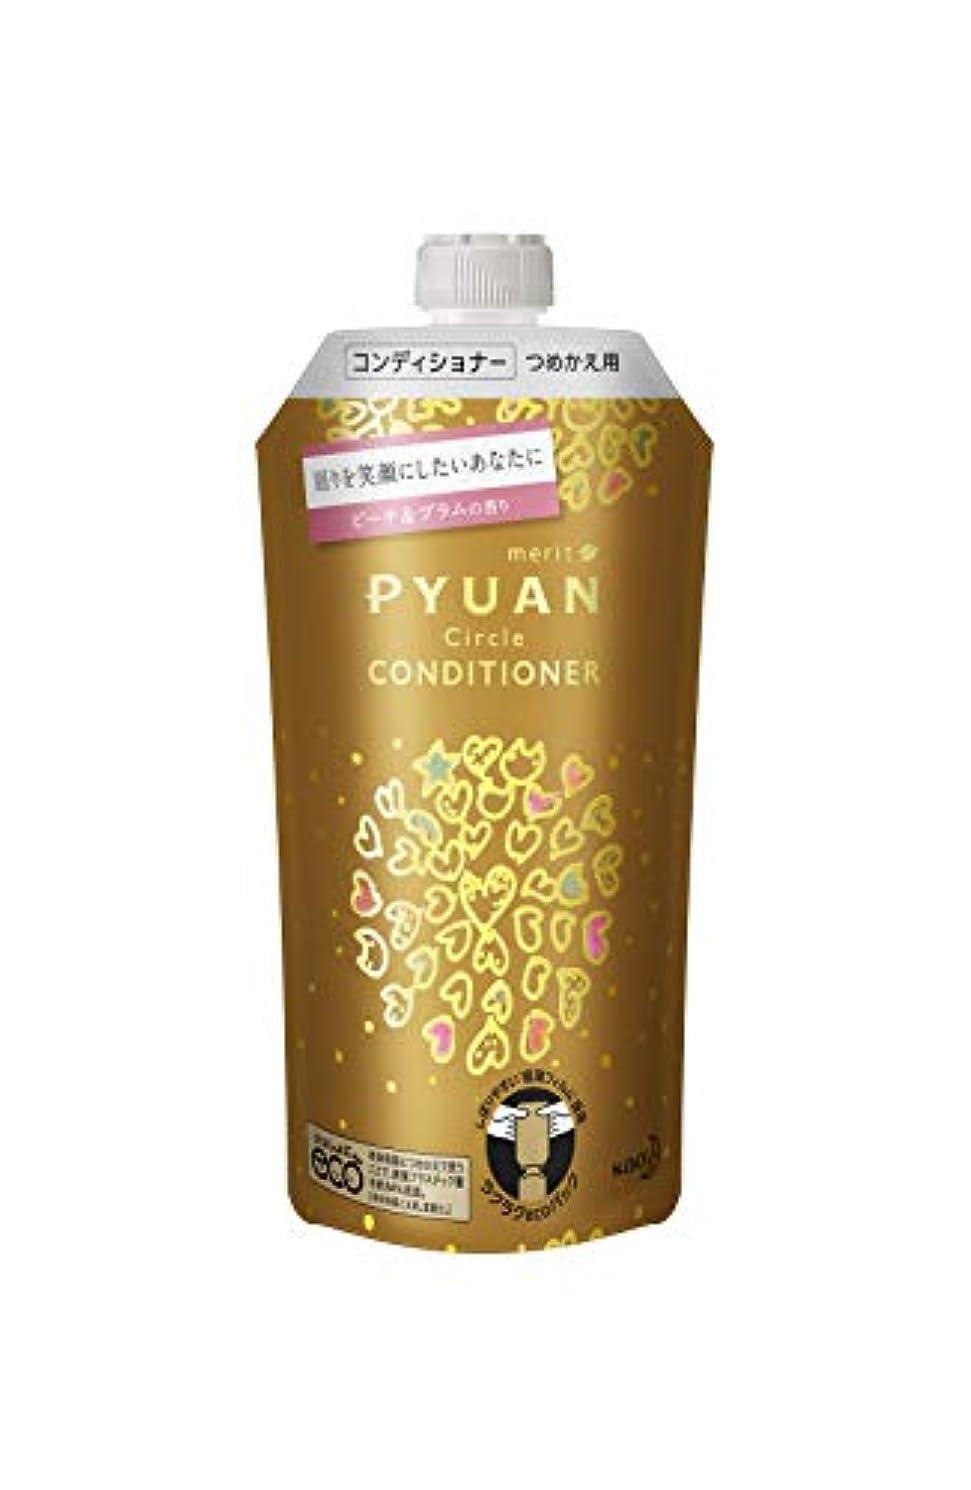 虫間接的未亡人PYUAN(ピュアン) メリットピュアン サークル (Circle) ピーチ&プラムの香り コンディショナー つめかえ用 340ml tsumori chisato コラボ